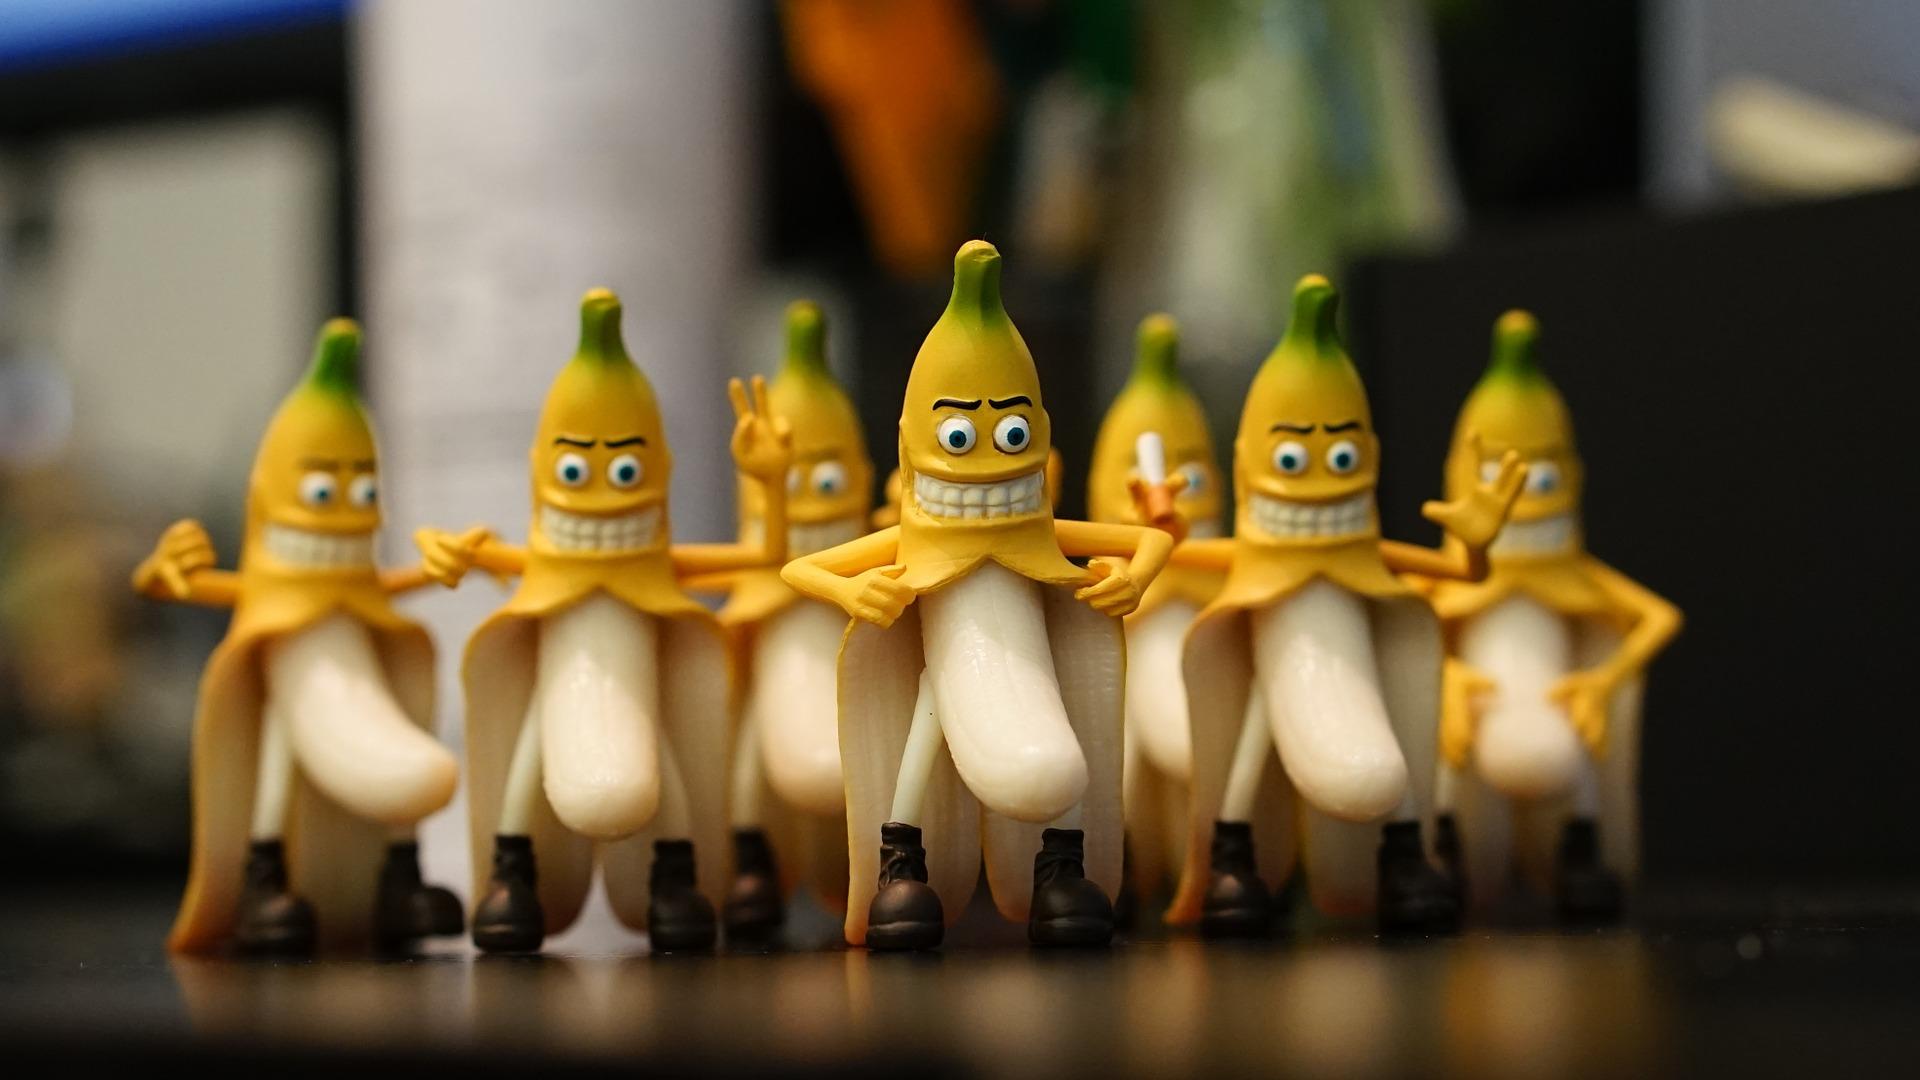 banana-1155494_1920